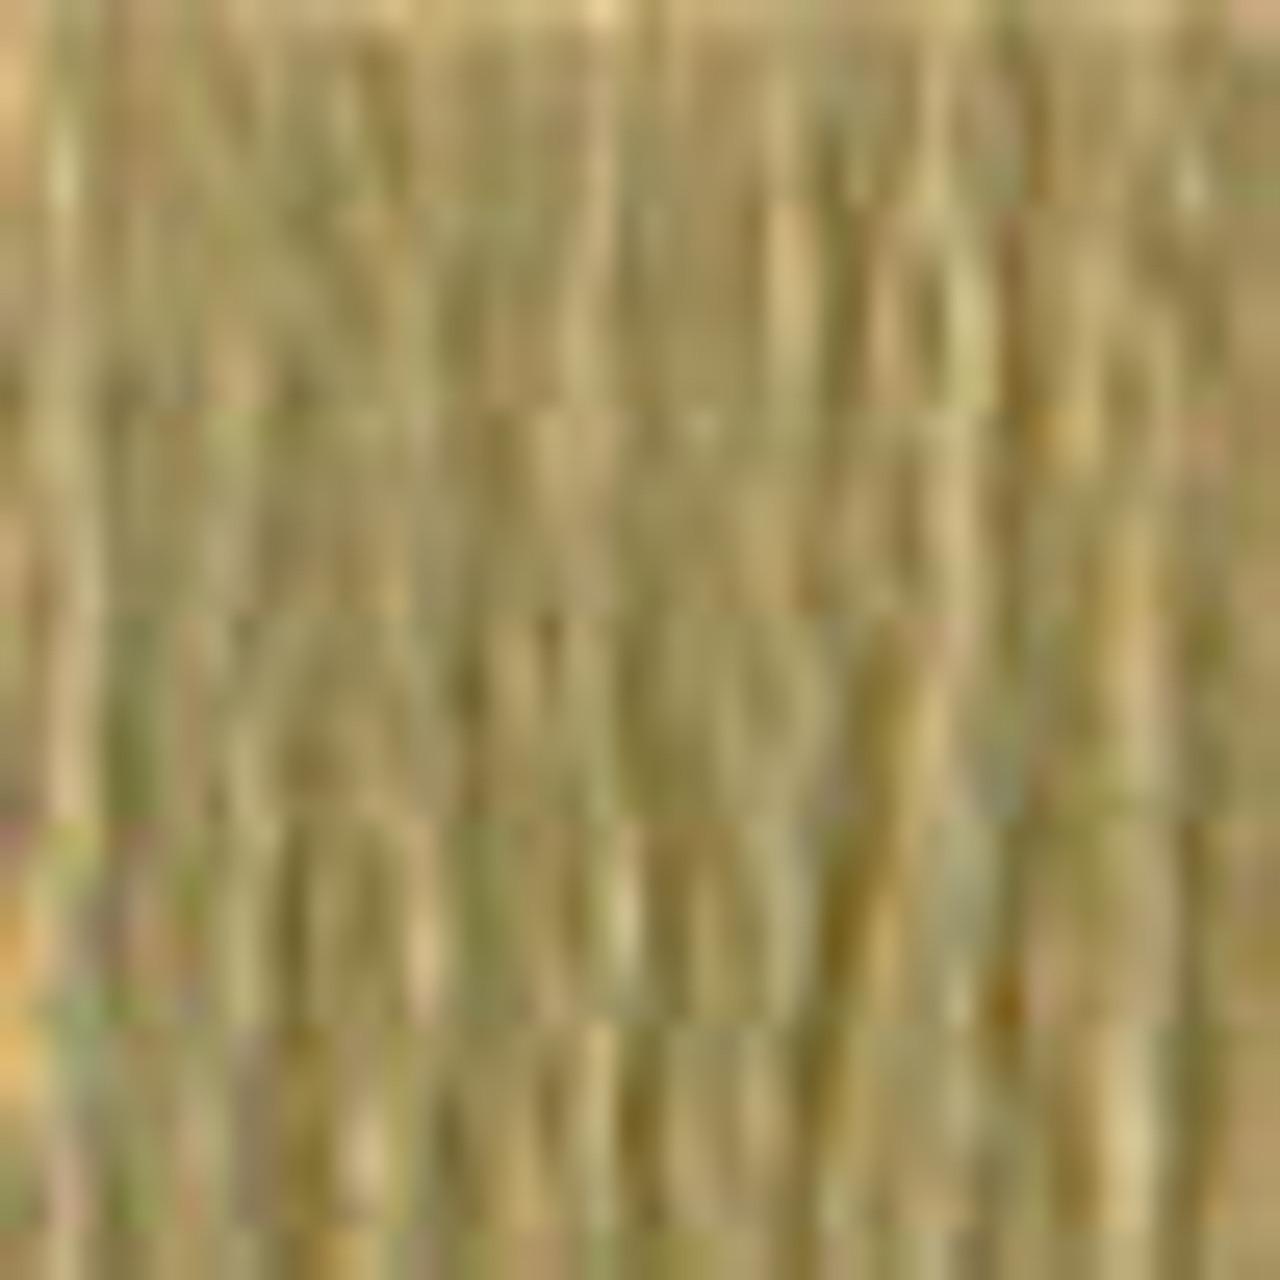 DMC # 371 Mustard Floss / Thread